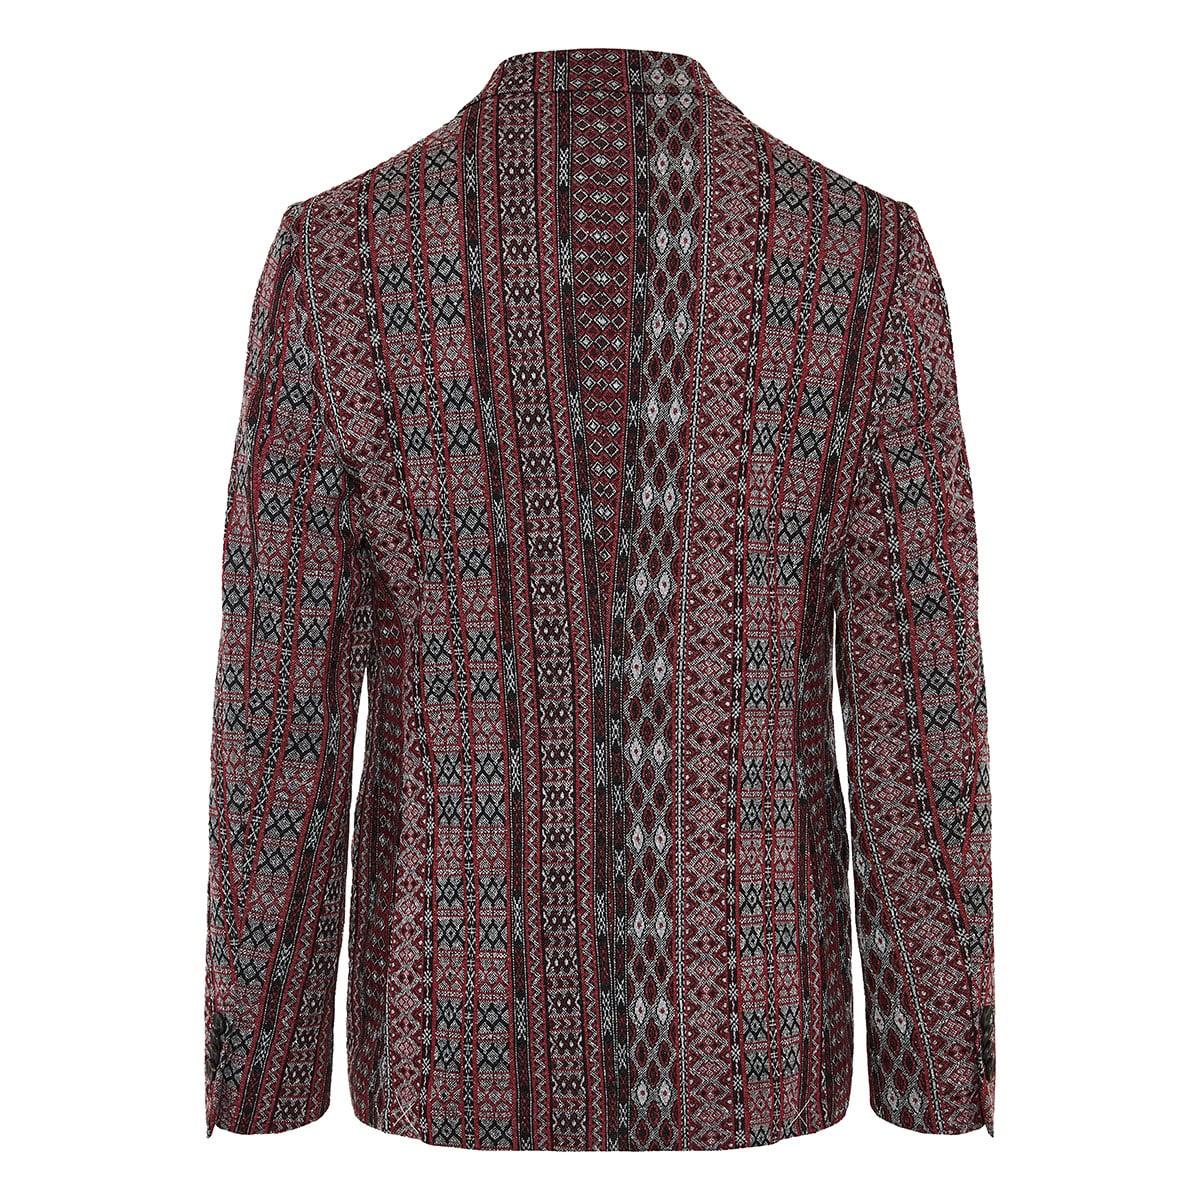 Jacquard printed blazer